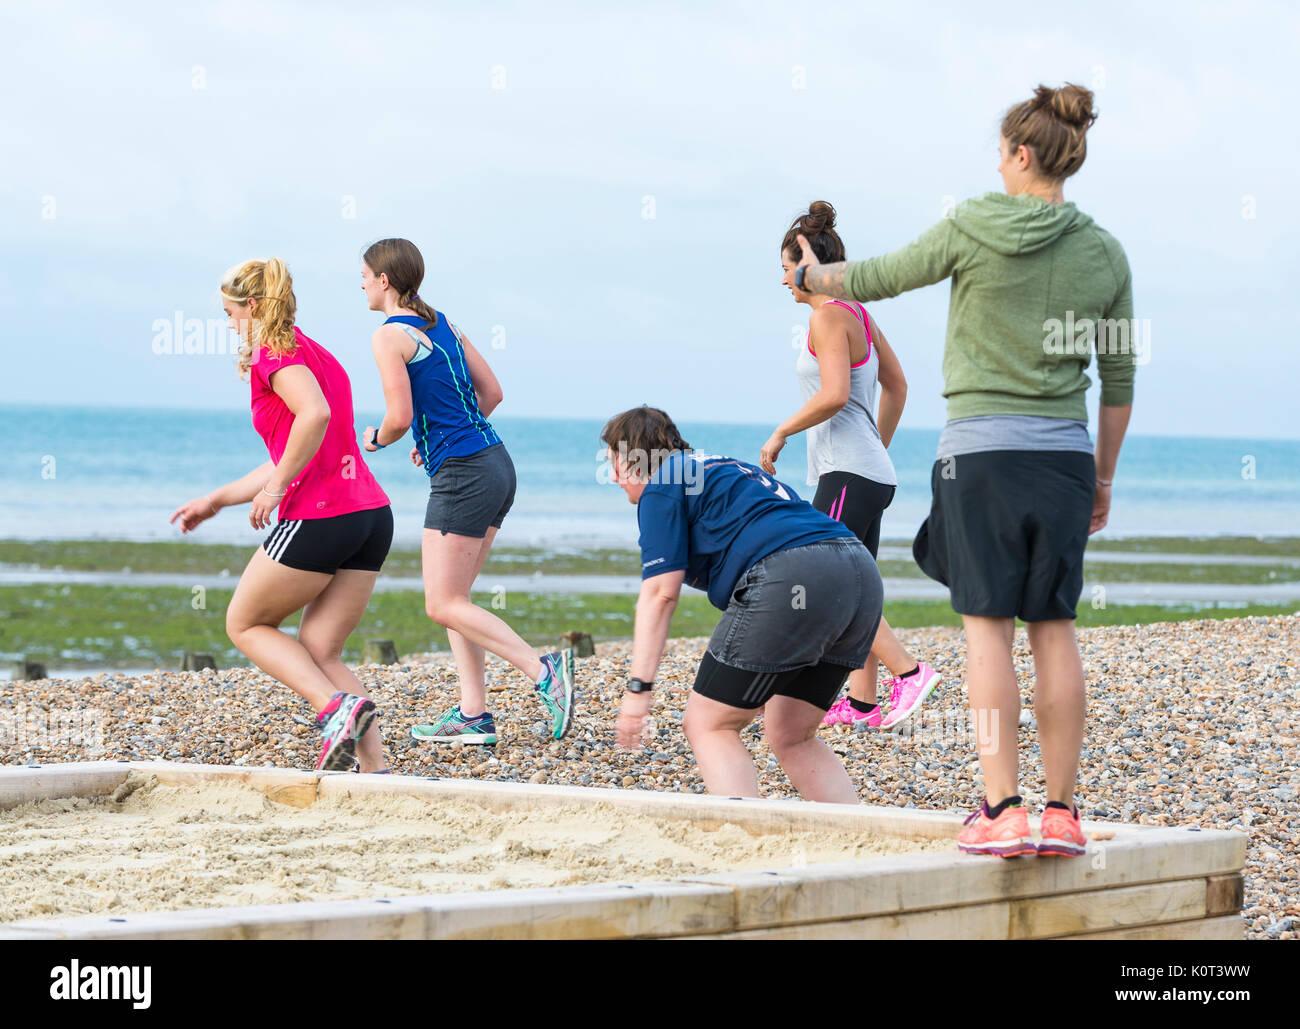 Classe d'exercice sur une plage. Petit groupe de jeunes femmes dans un cours de conditionnement physique l'exercice sur une plage le matin au Royaume-Uni. Photo Stock